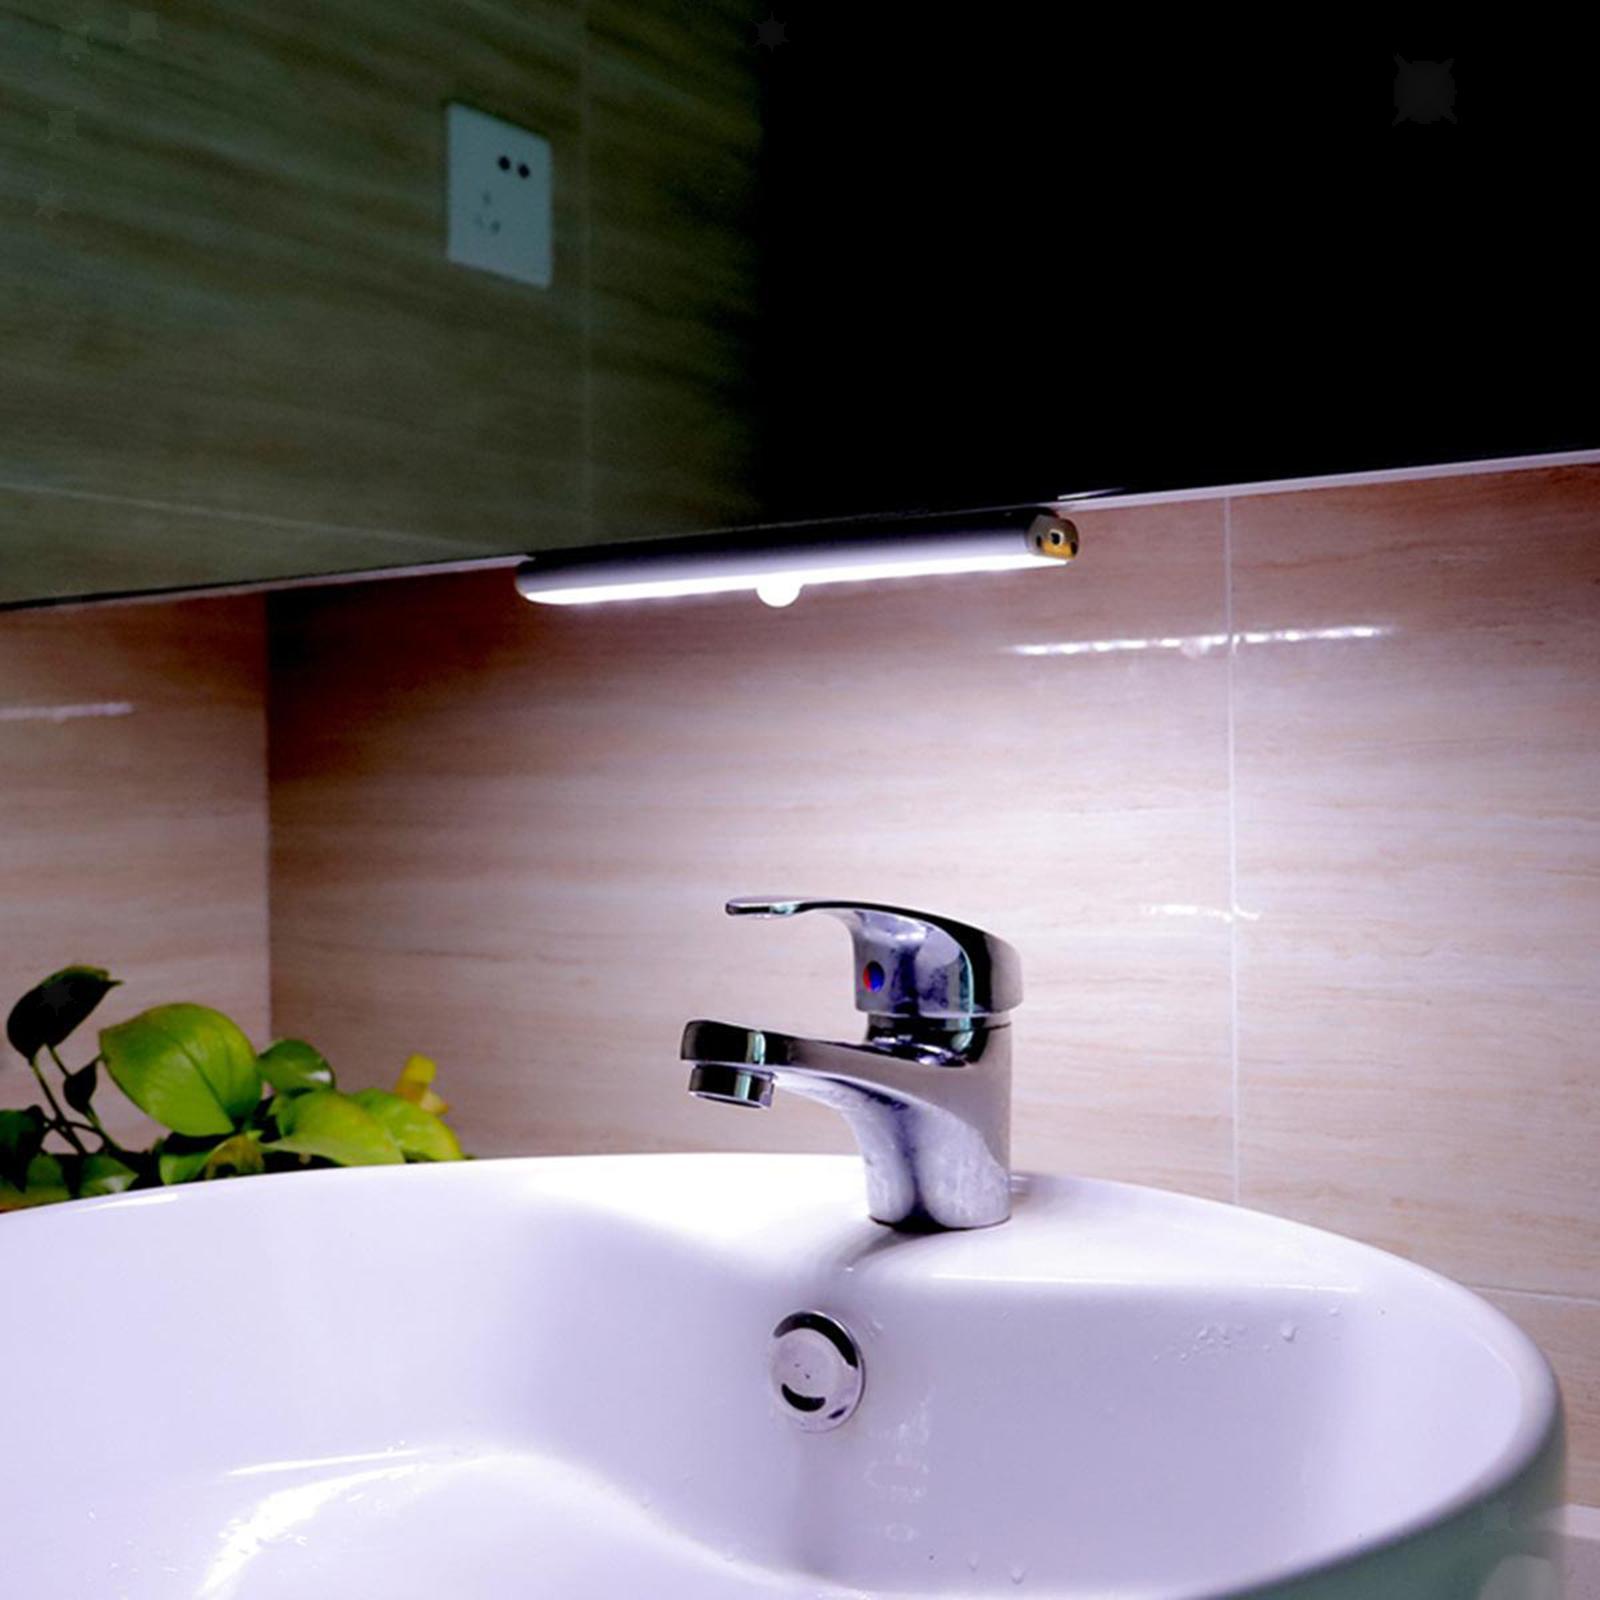 miniatura 14 - Lampada da parete a LED con sensore di movimento camera da letto armadio armadio